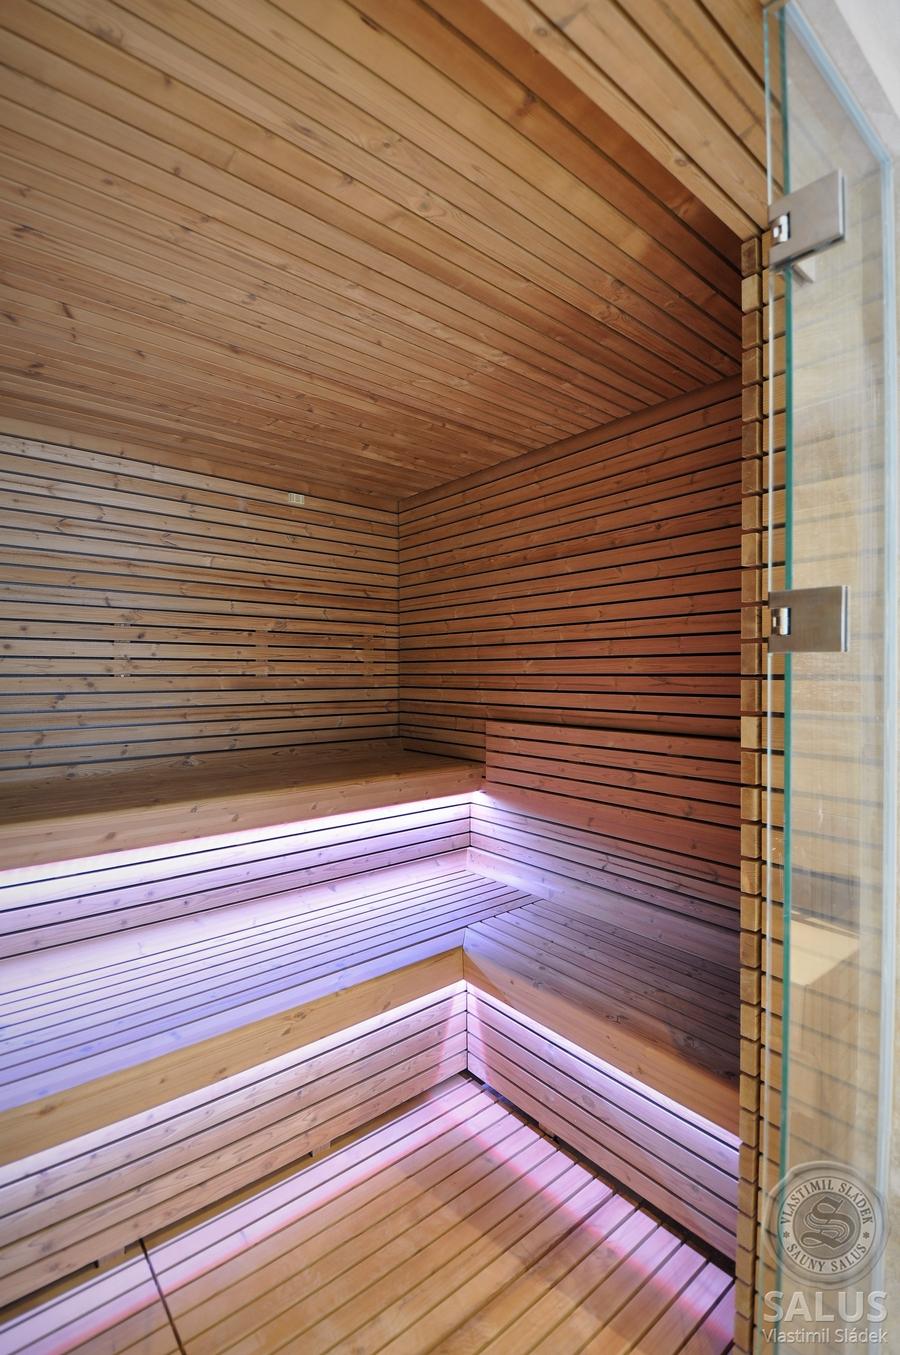 vostinova_finska_sauna